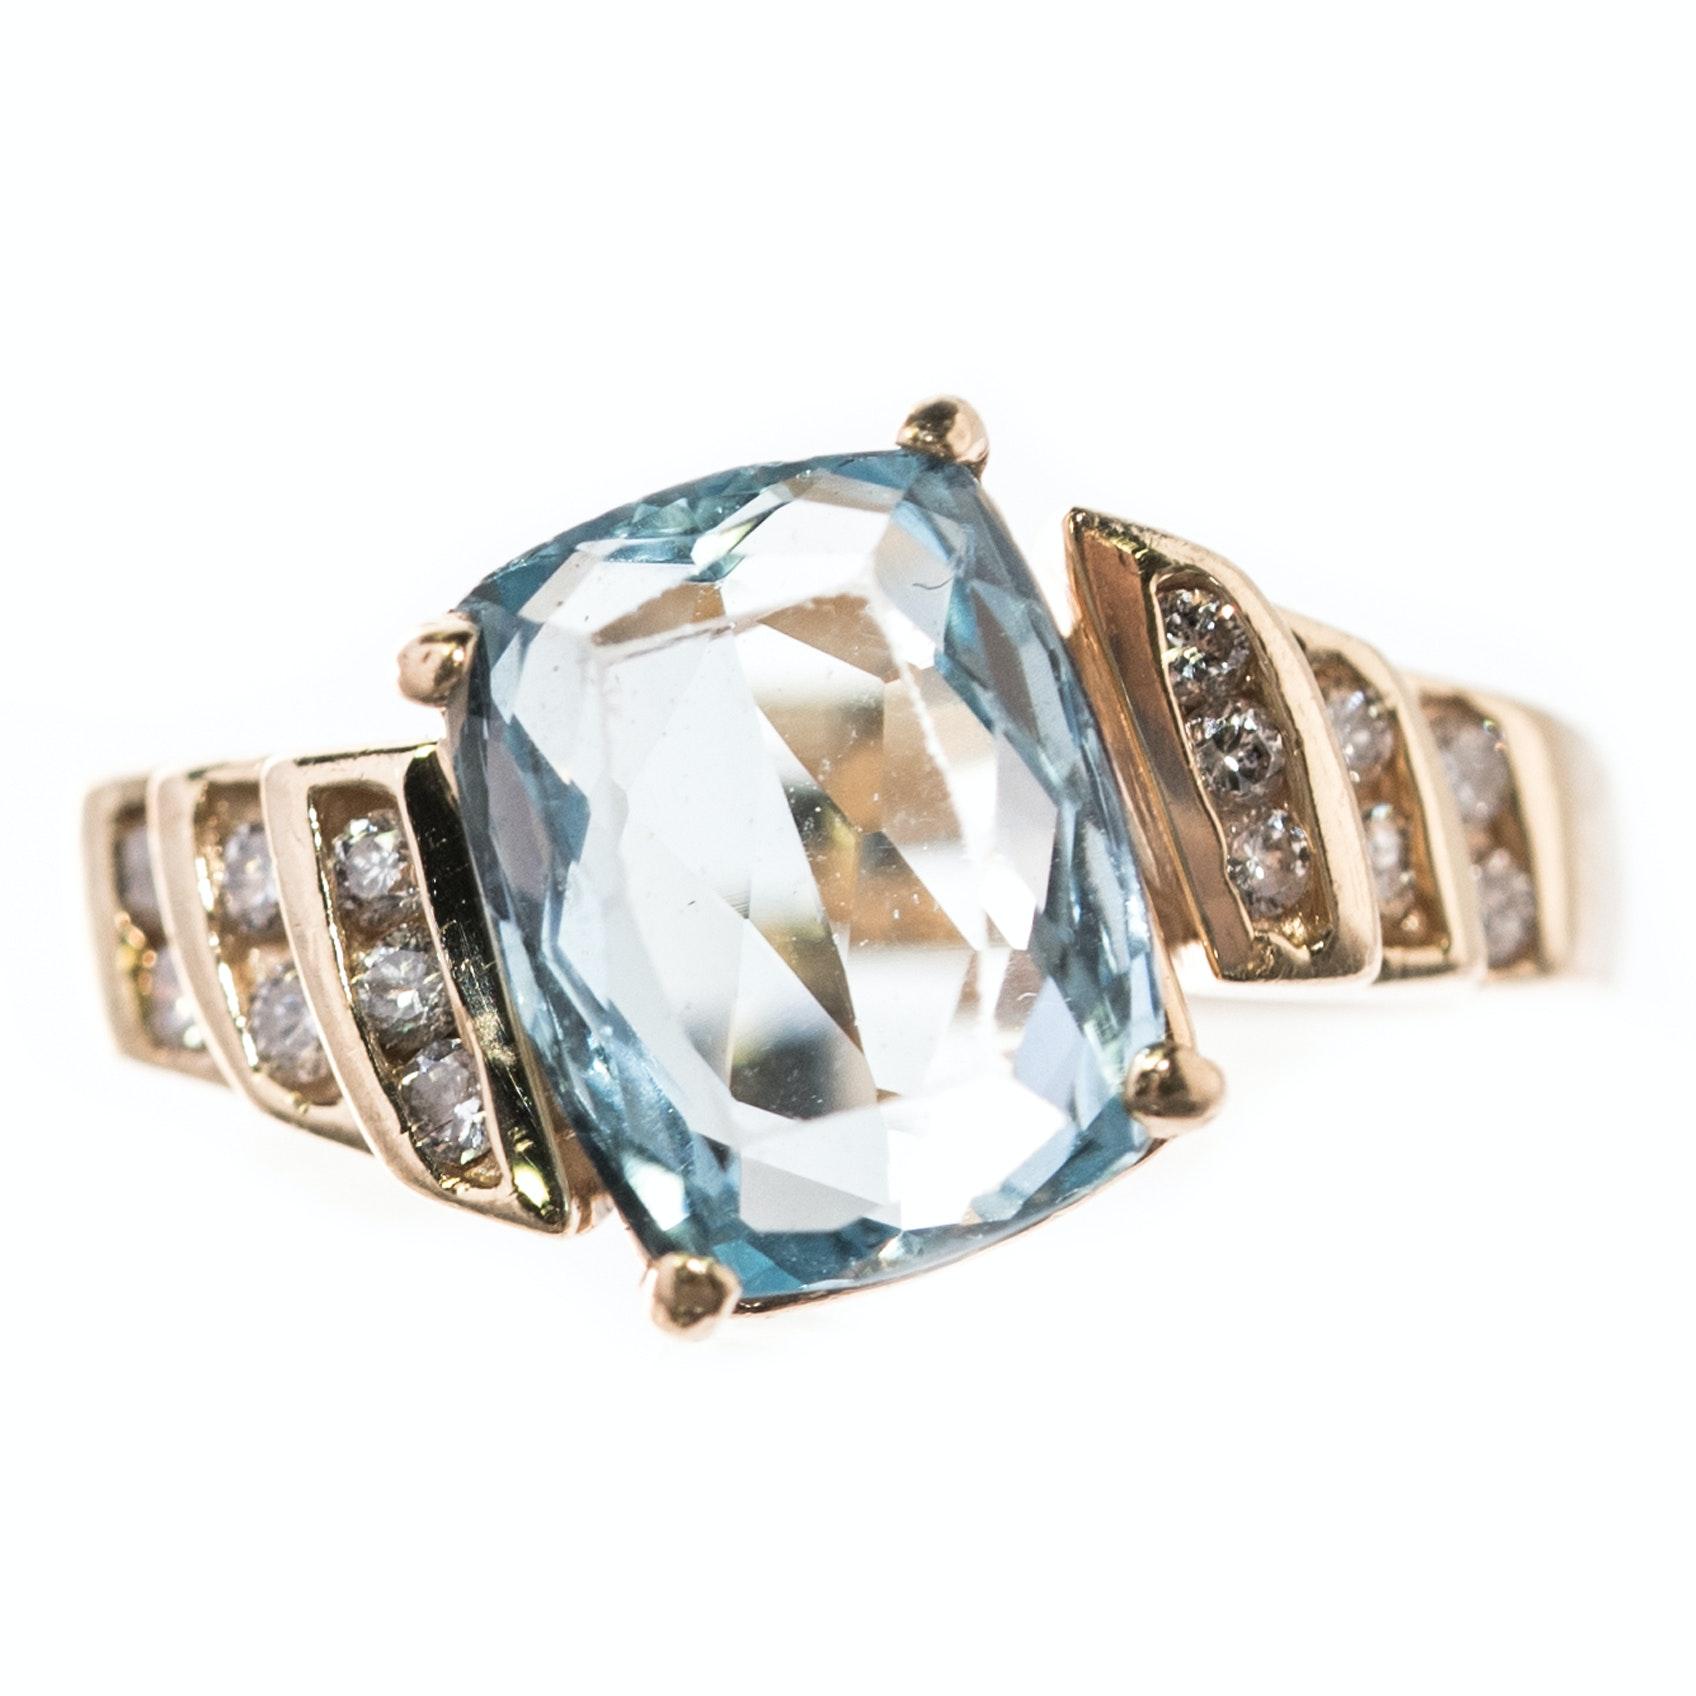 14K Yellow Gold, 2.62 CT Aquamarine and Diamond Ring